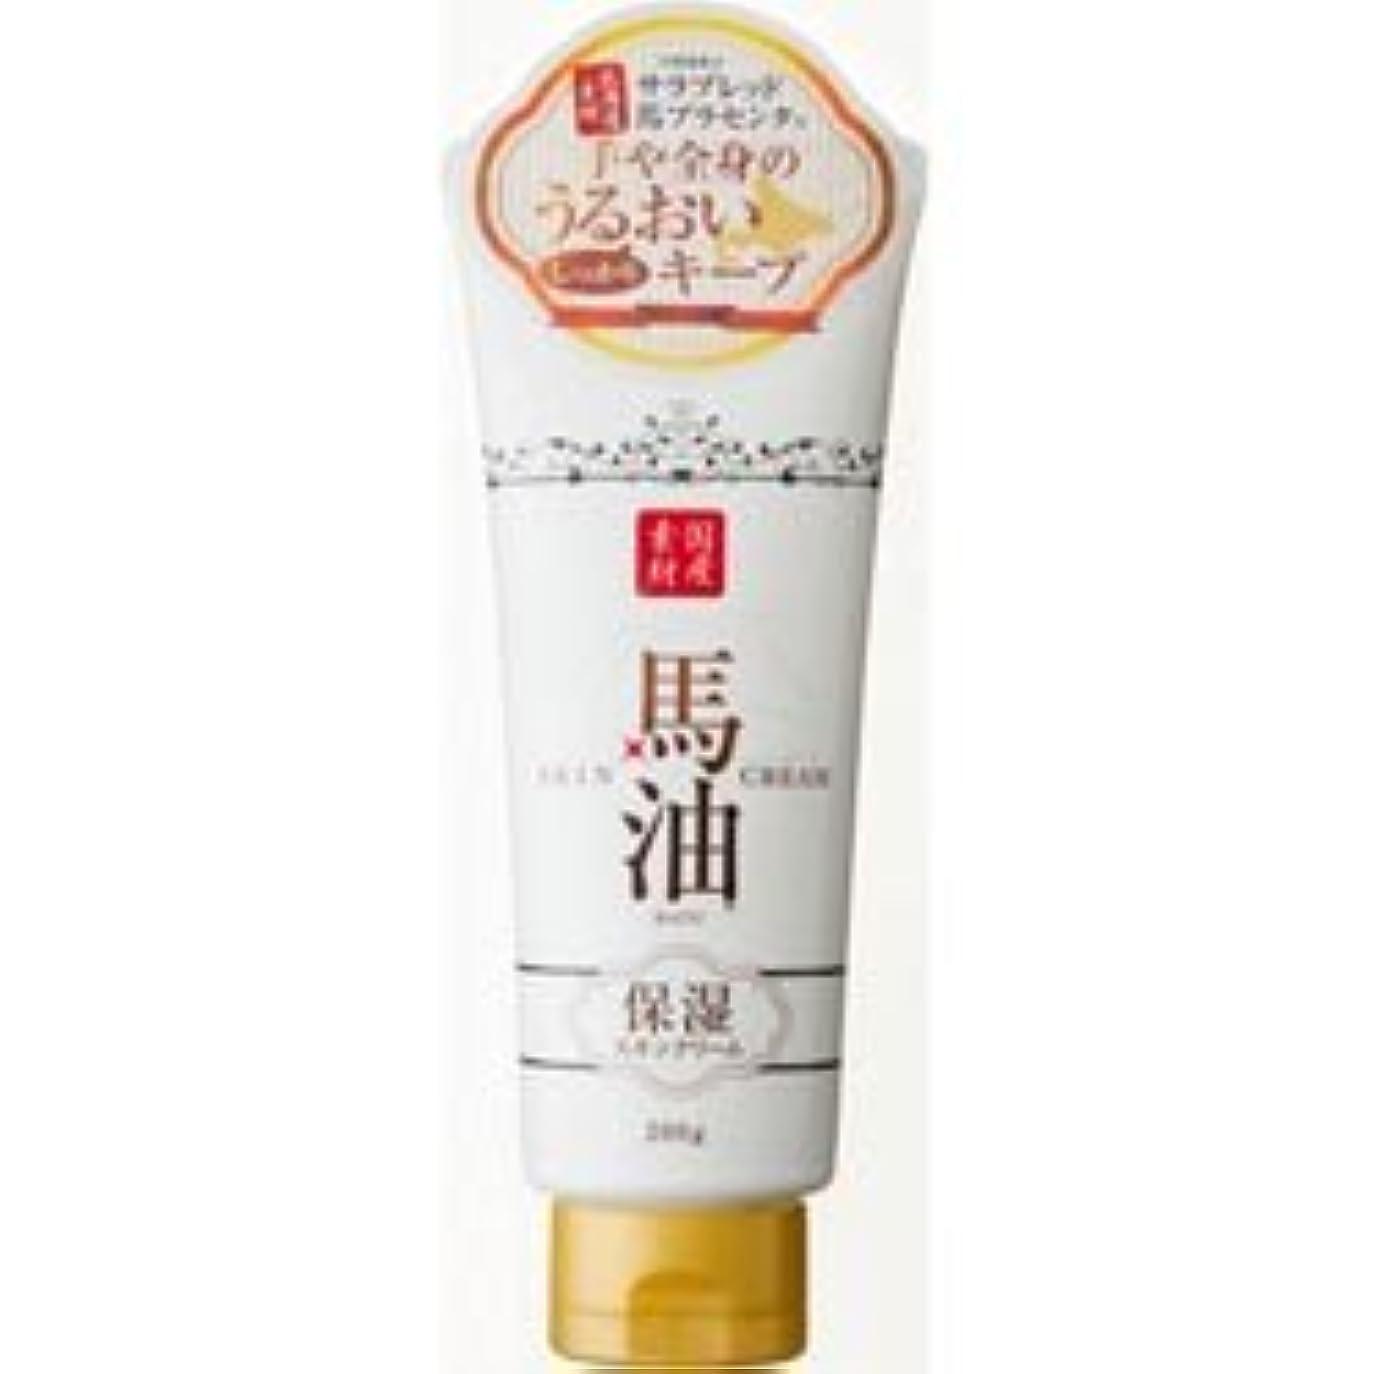 ヤングお祝いクモ【アイスタイル】リシャン 馬油保湿スキンクリーム さくらの香り 200g ×20個セット